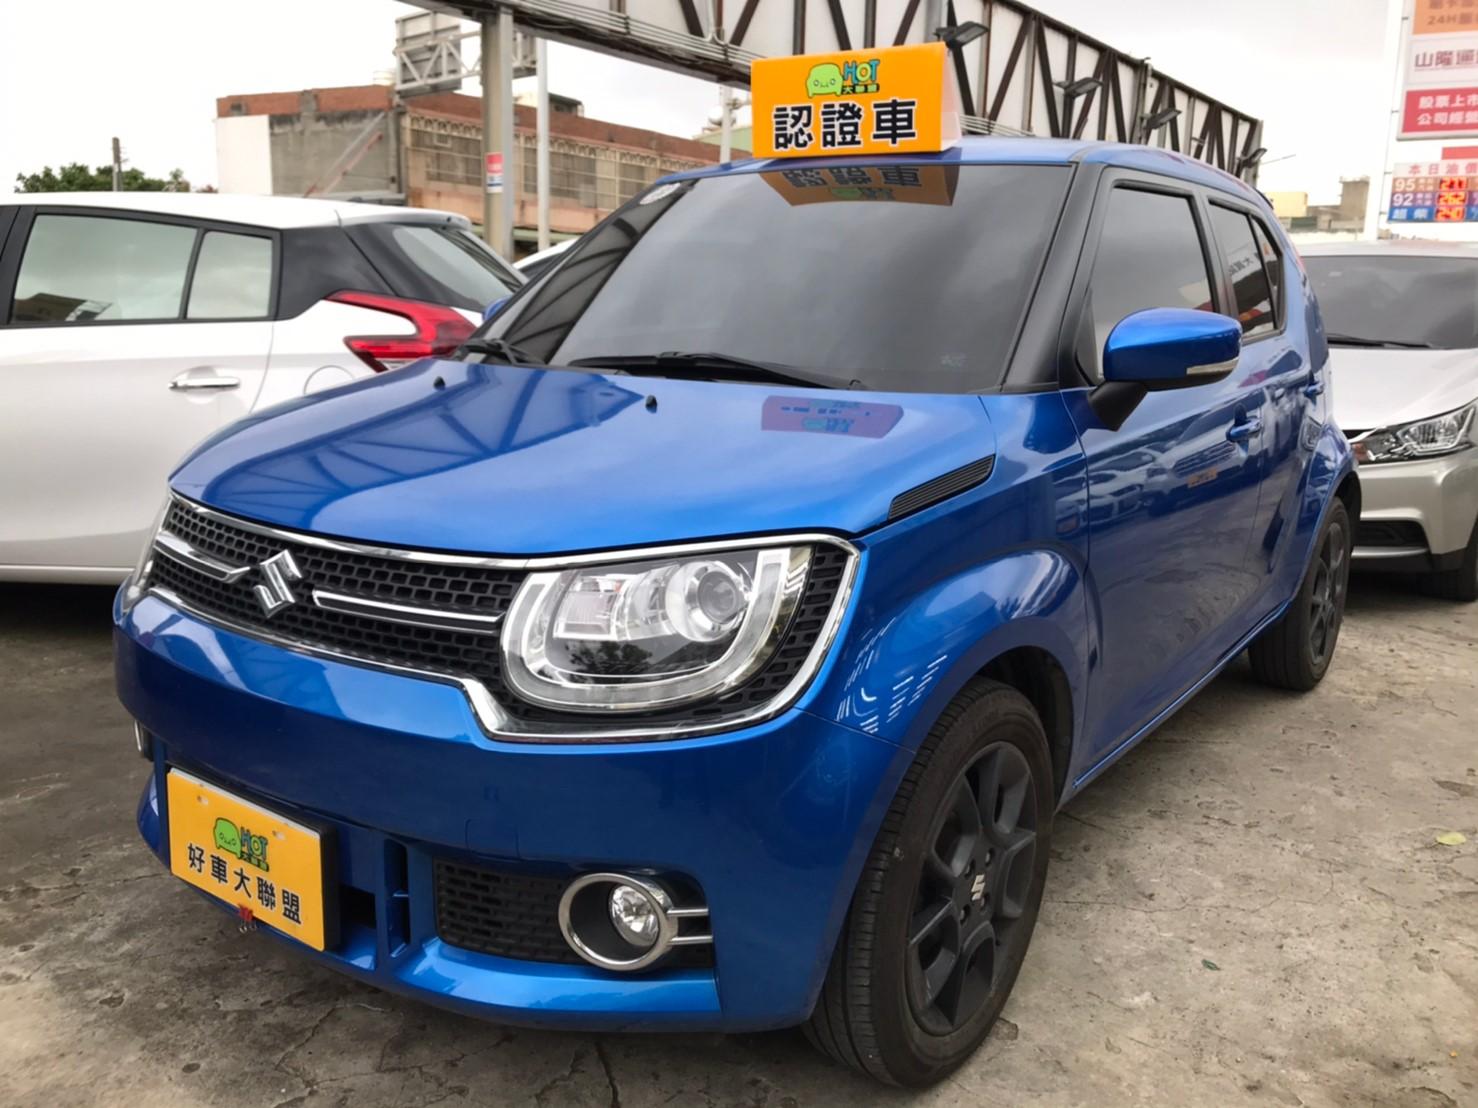 2018 Suzuki 鈴木 Ignis